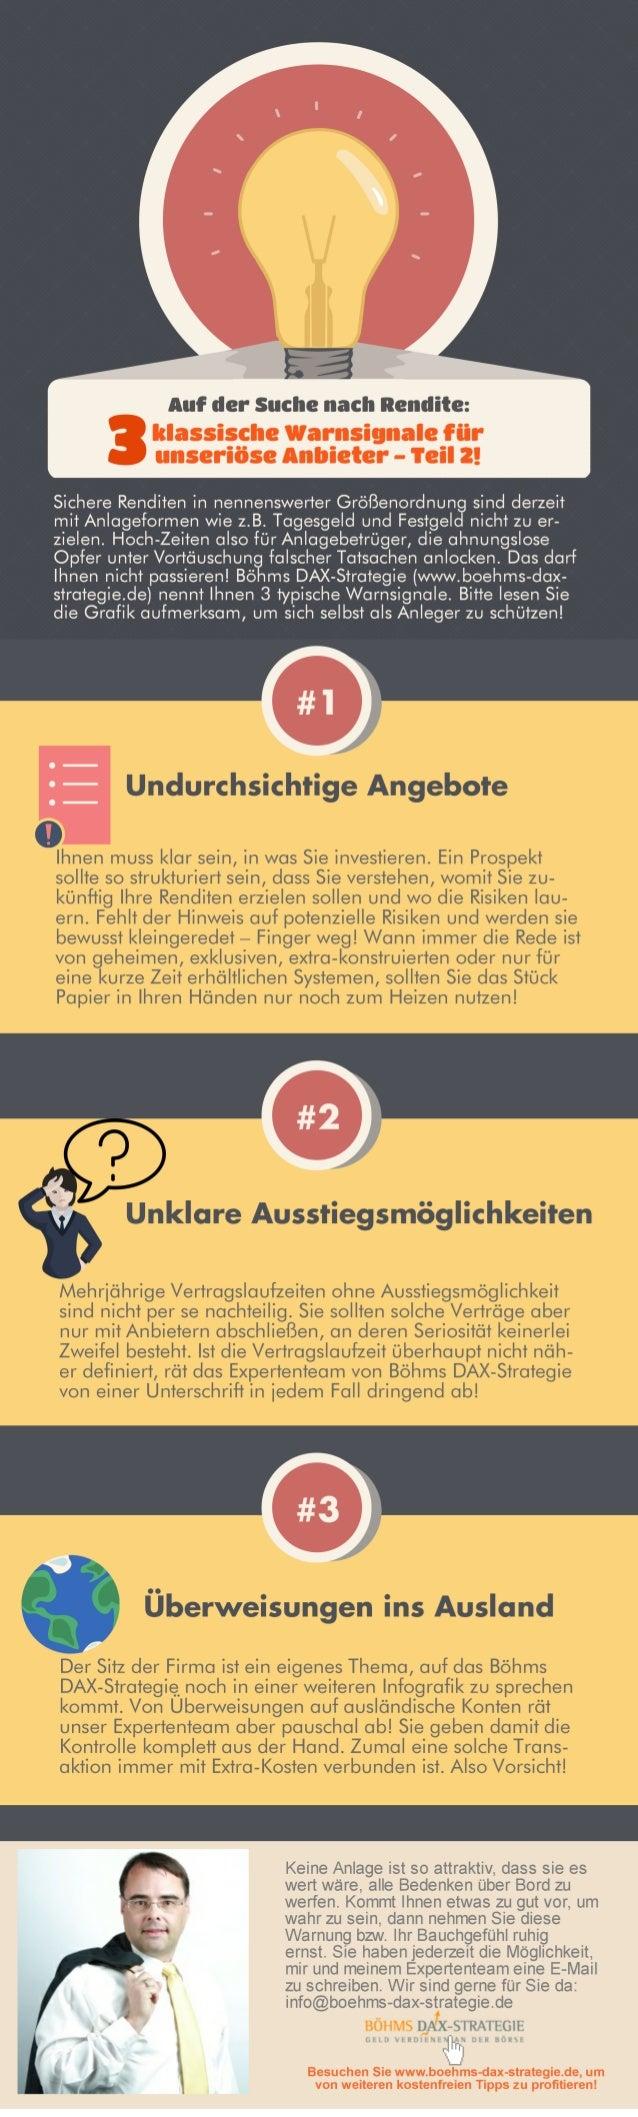 Auf der Suche nach Rendite: 3 klassische Warnsignale für unseriöse Anbieter - Teil-2 von Böhms DAX-Strategie